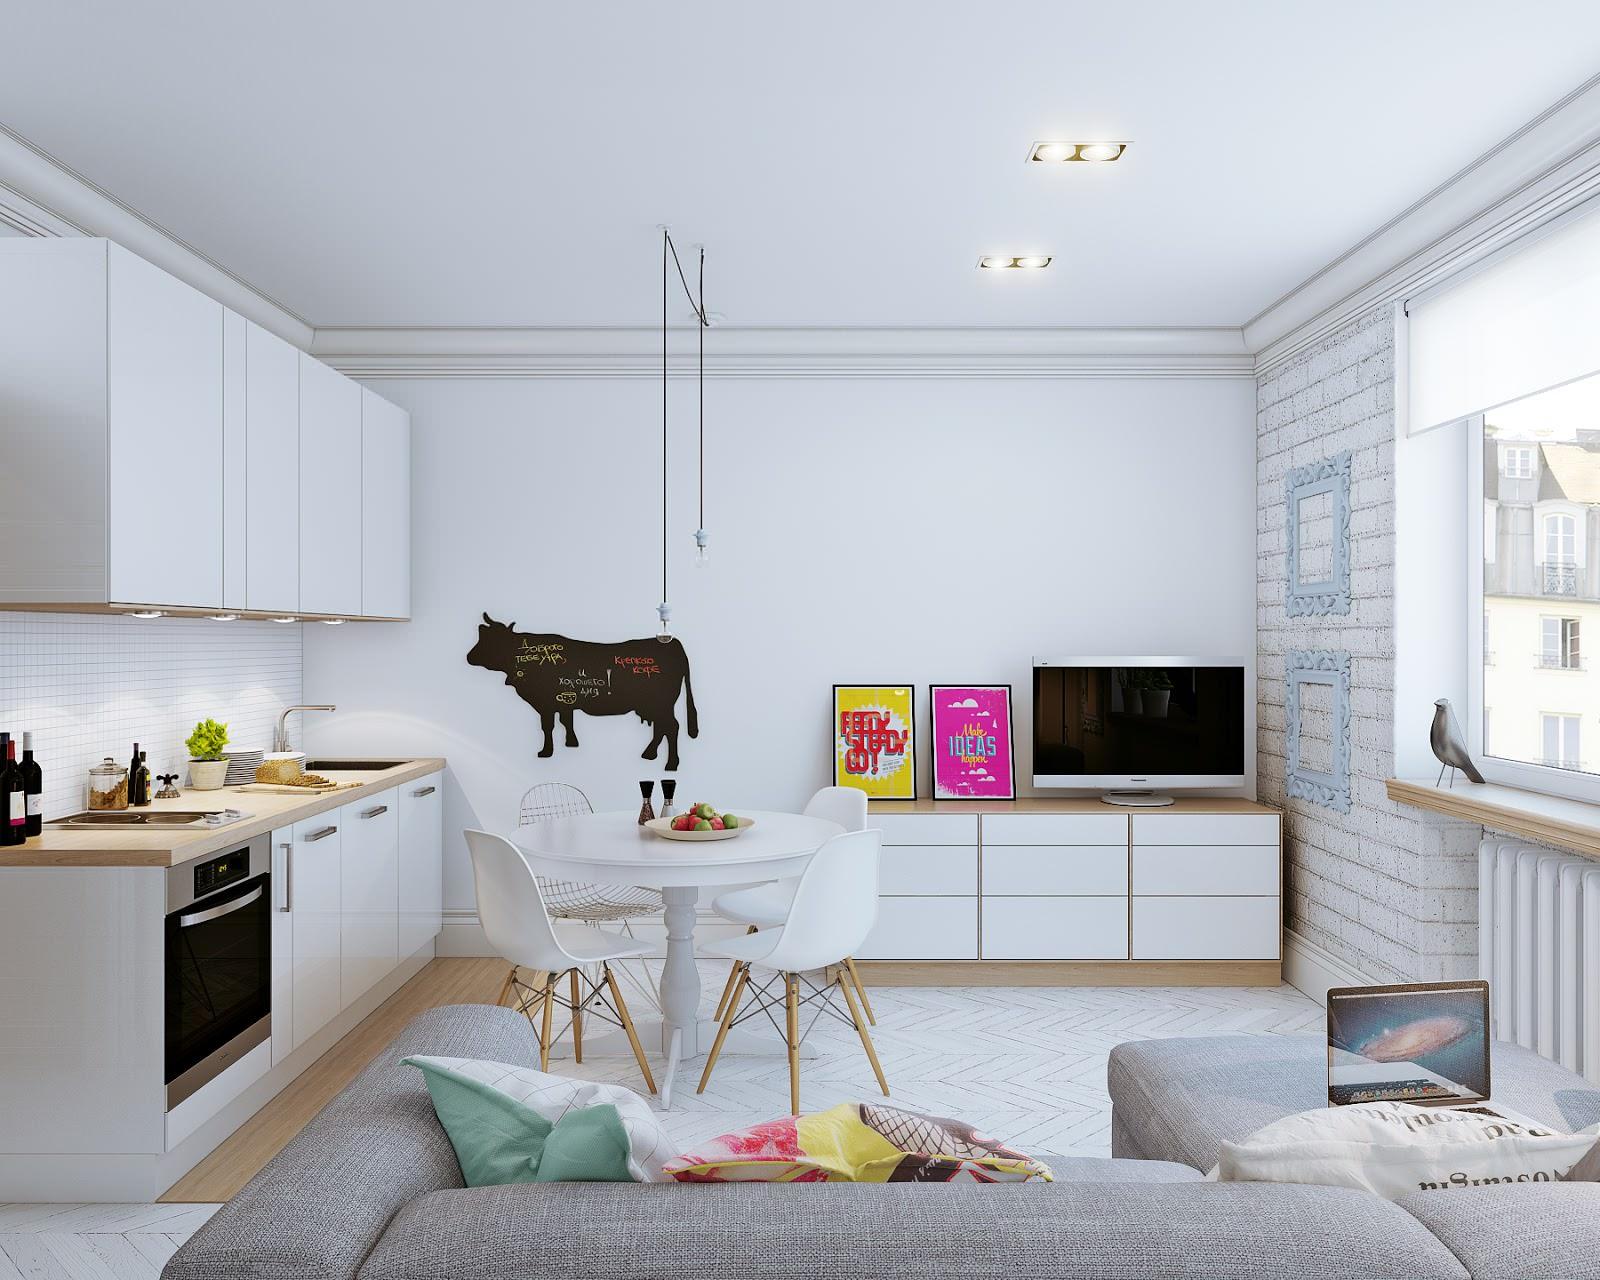 Arredare Casa 65 Mq aspetto di riparazioni dell'appartamento economico ma